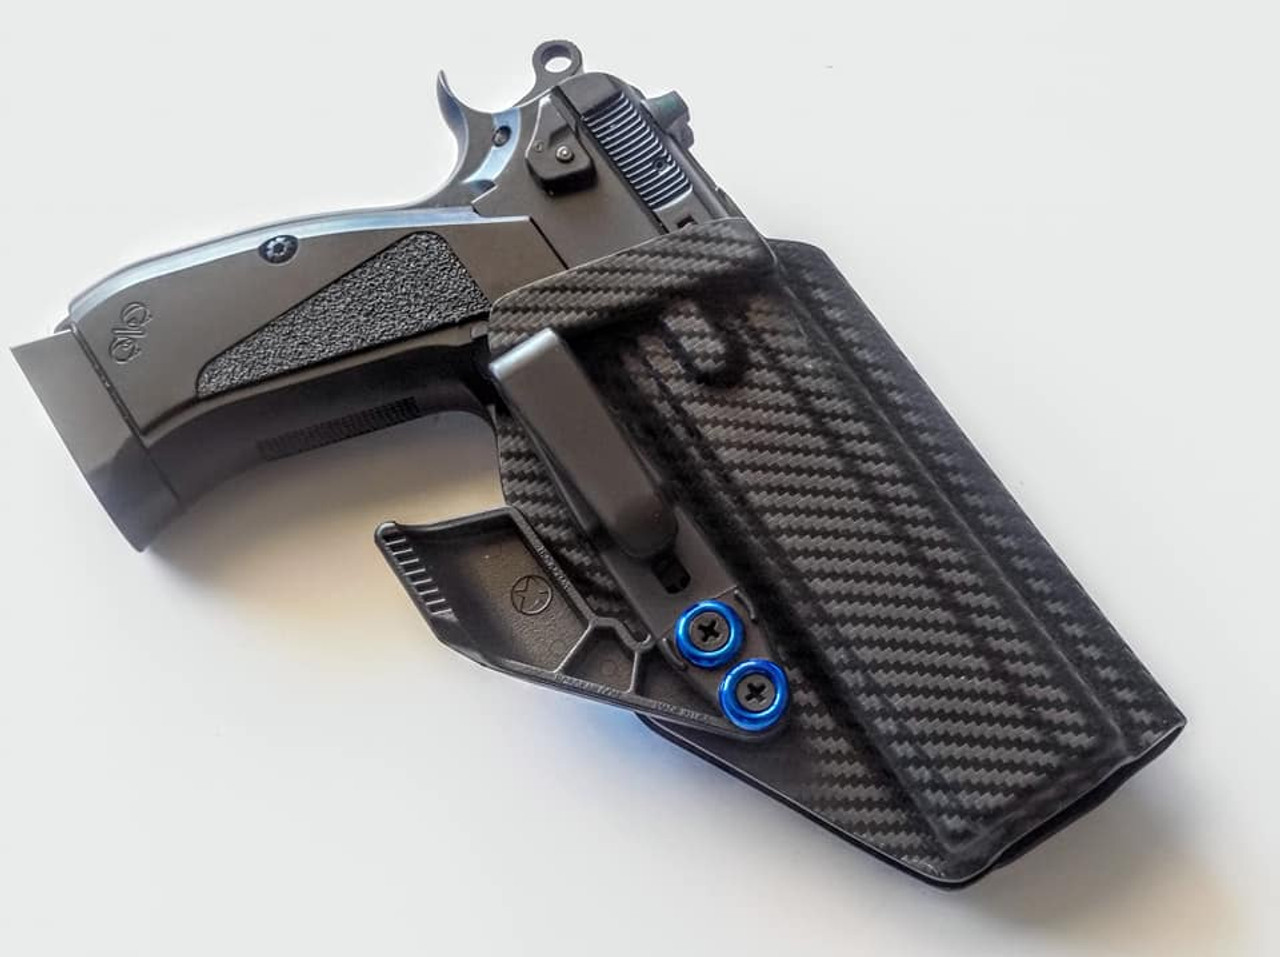 CZ SP-01 Appendix Carry Holster